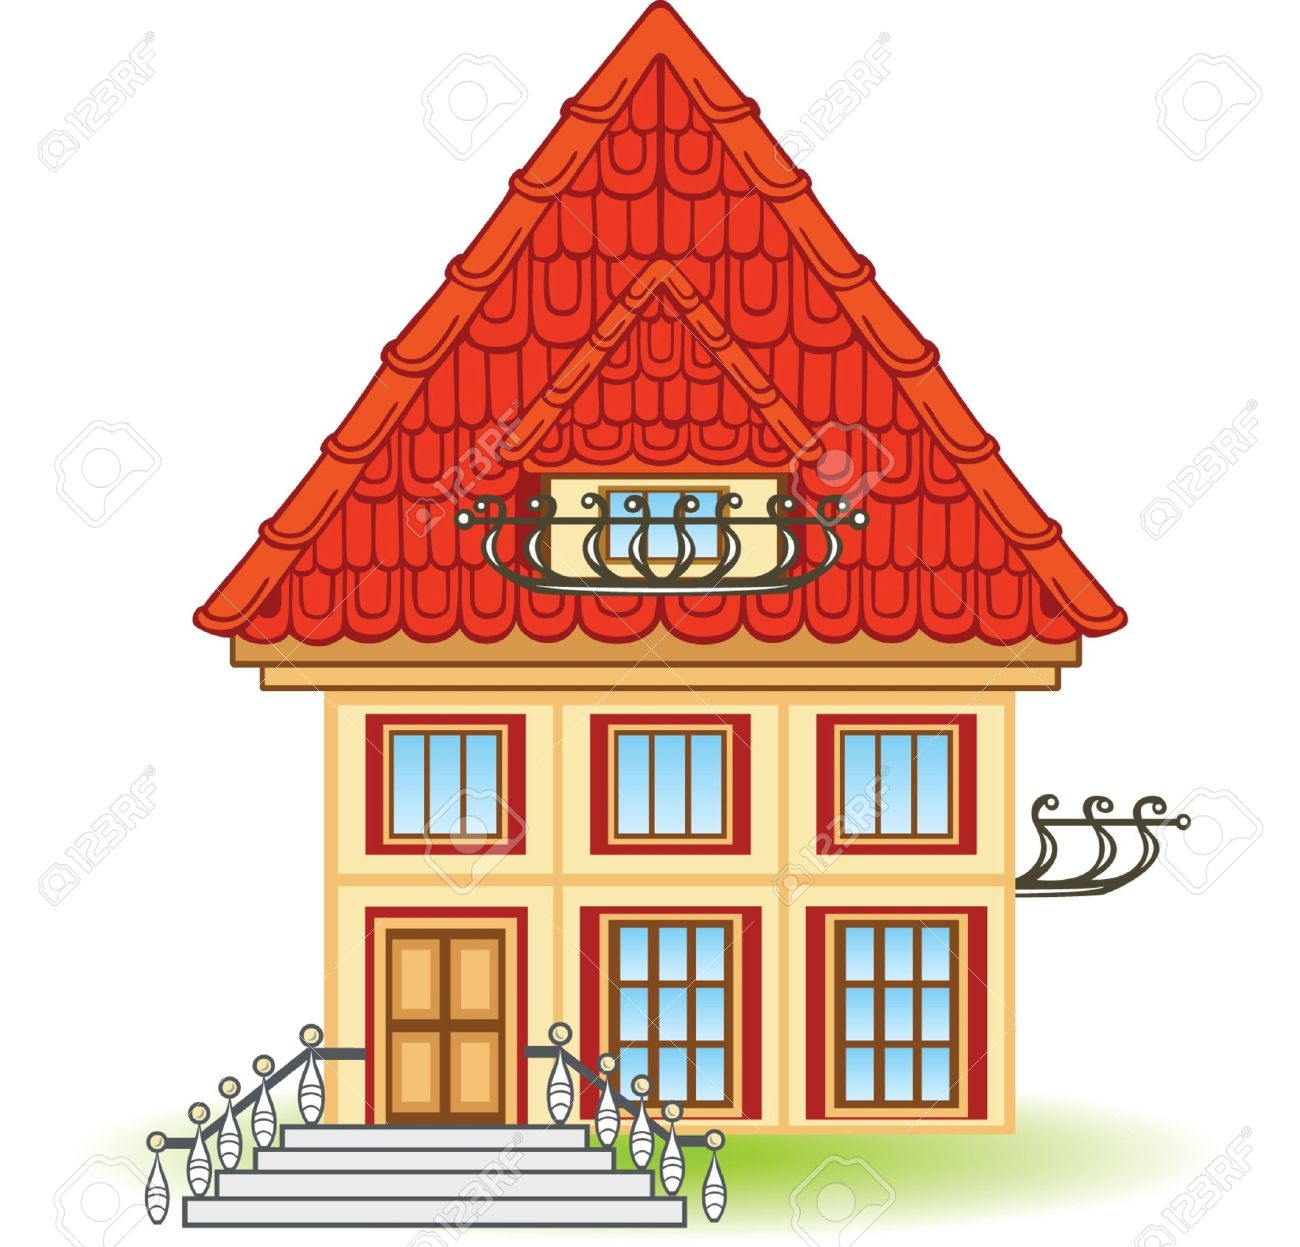 toit de maison dessin Banque du0027images - Maison de dessin animé avec toit rouge et balcon